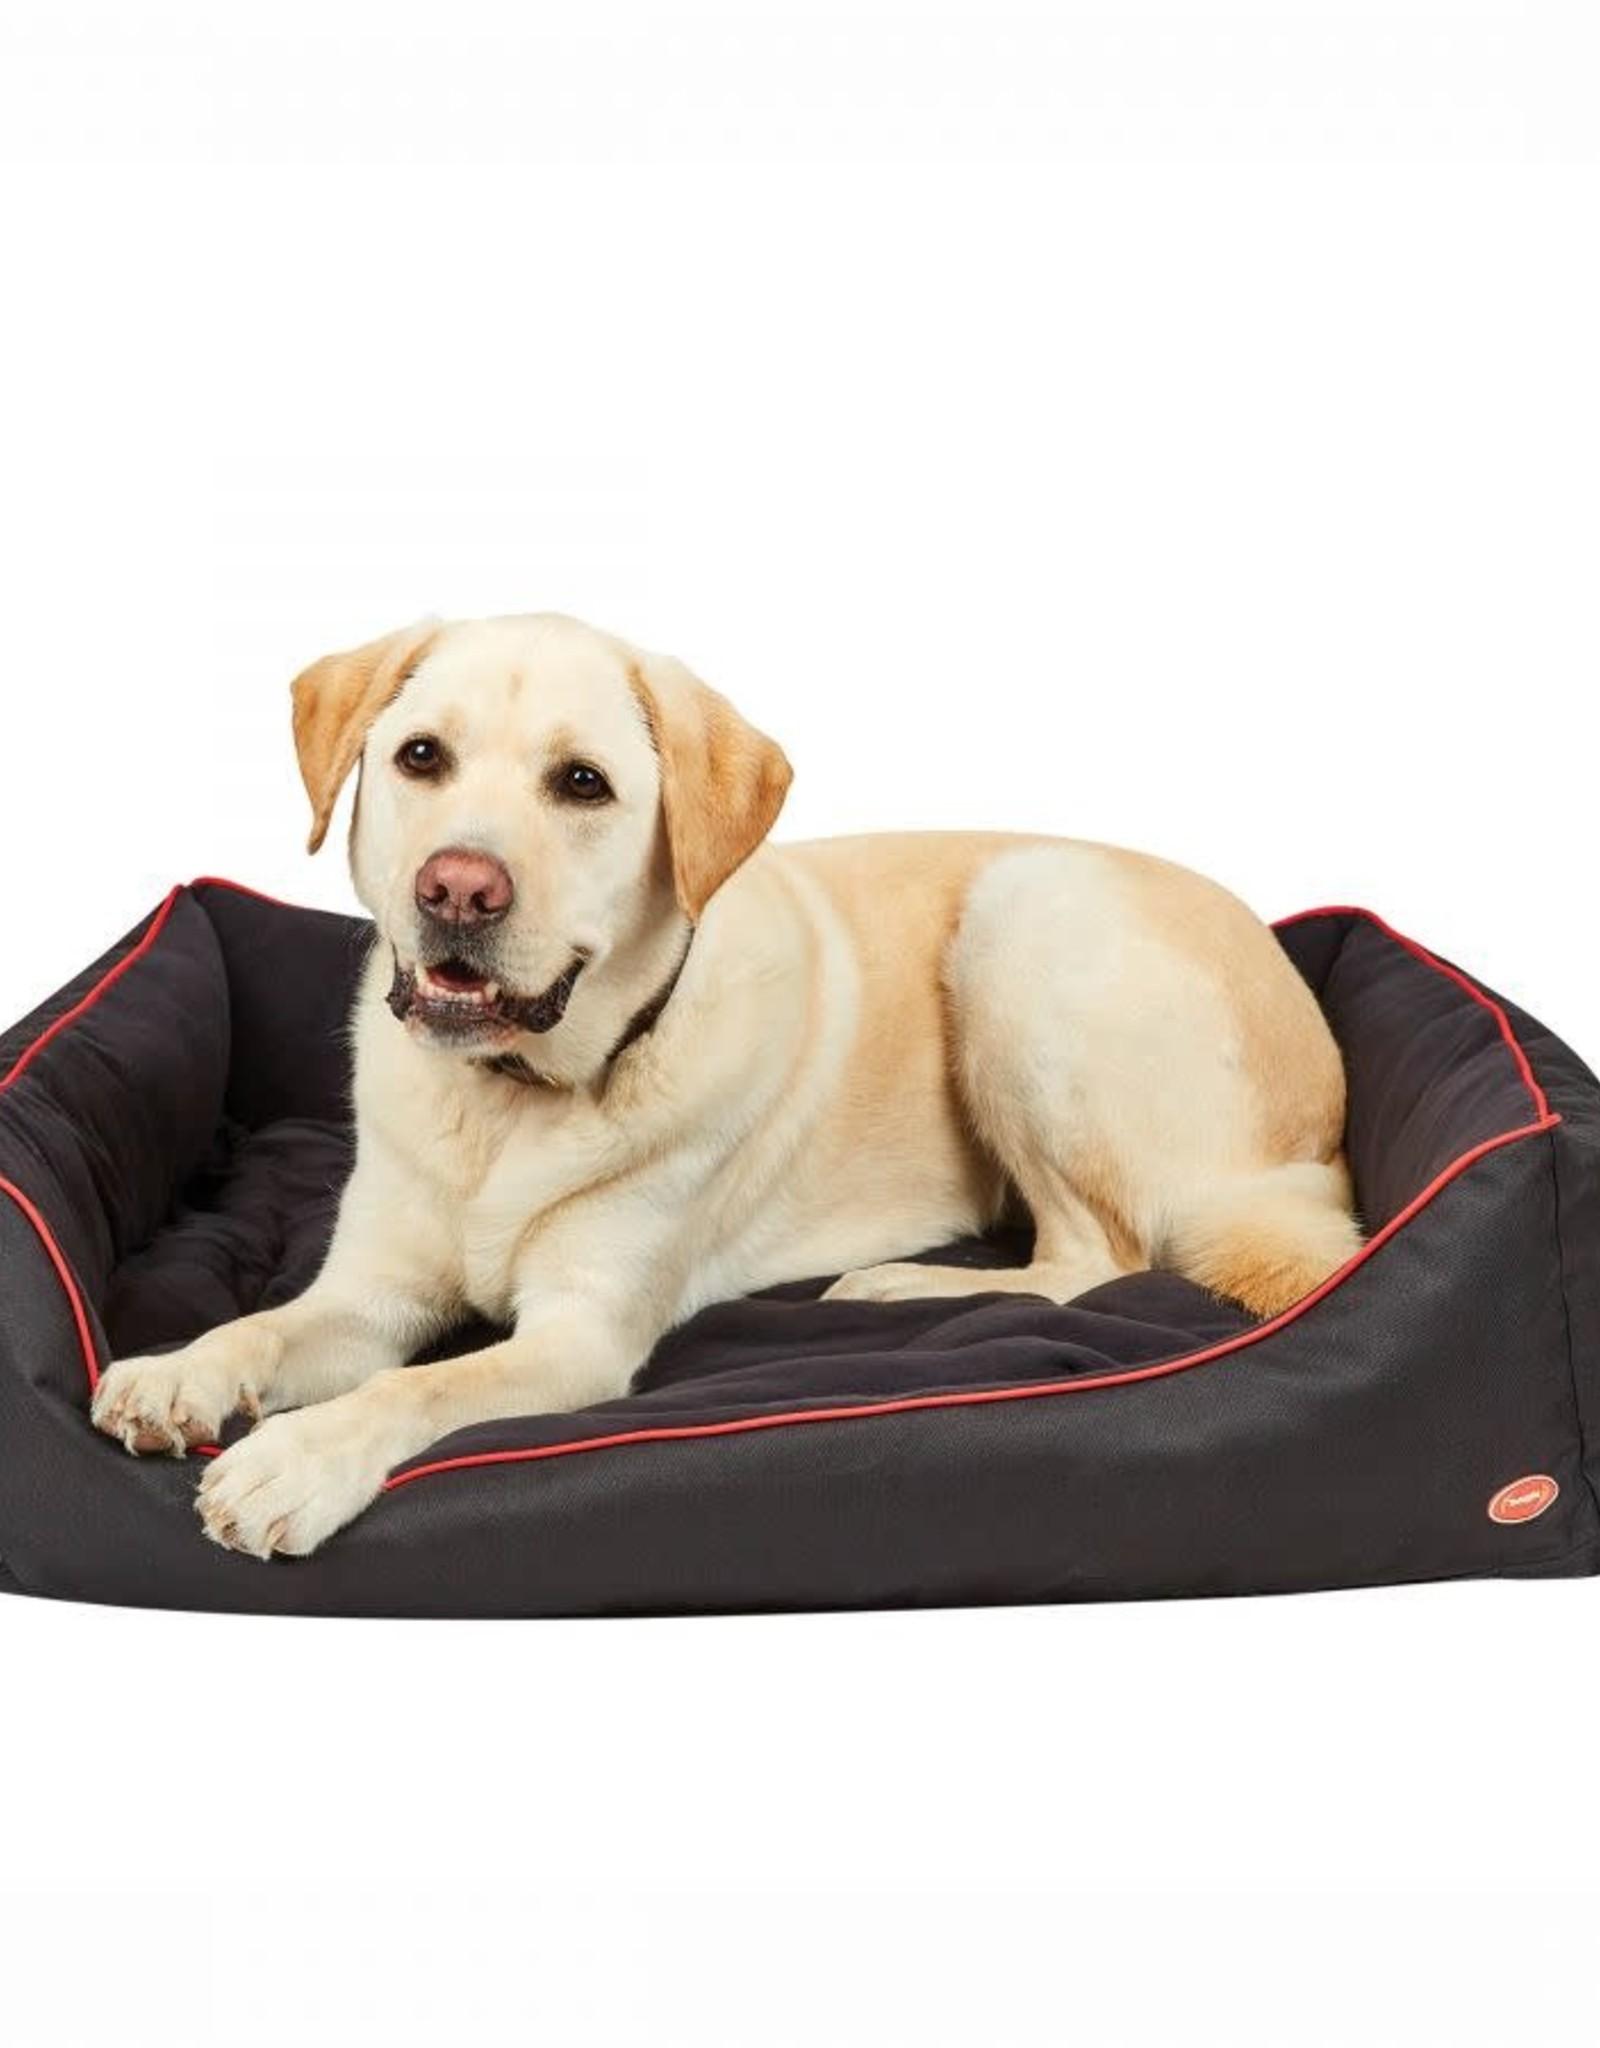 WEATHERBEETA WEATHERBEETA THERAPY-TEC DOG BED BLACK/RED